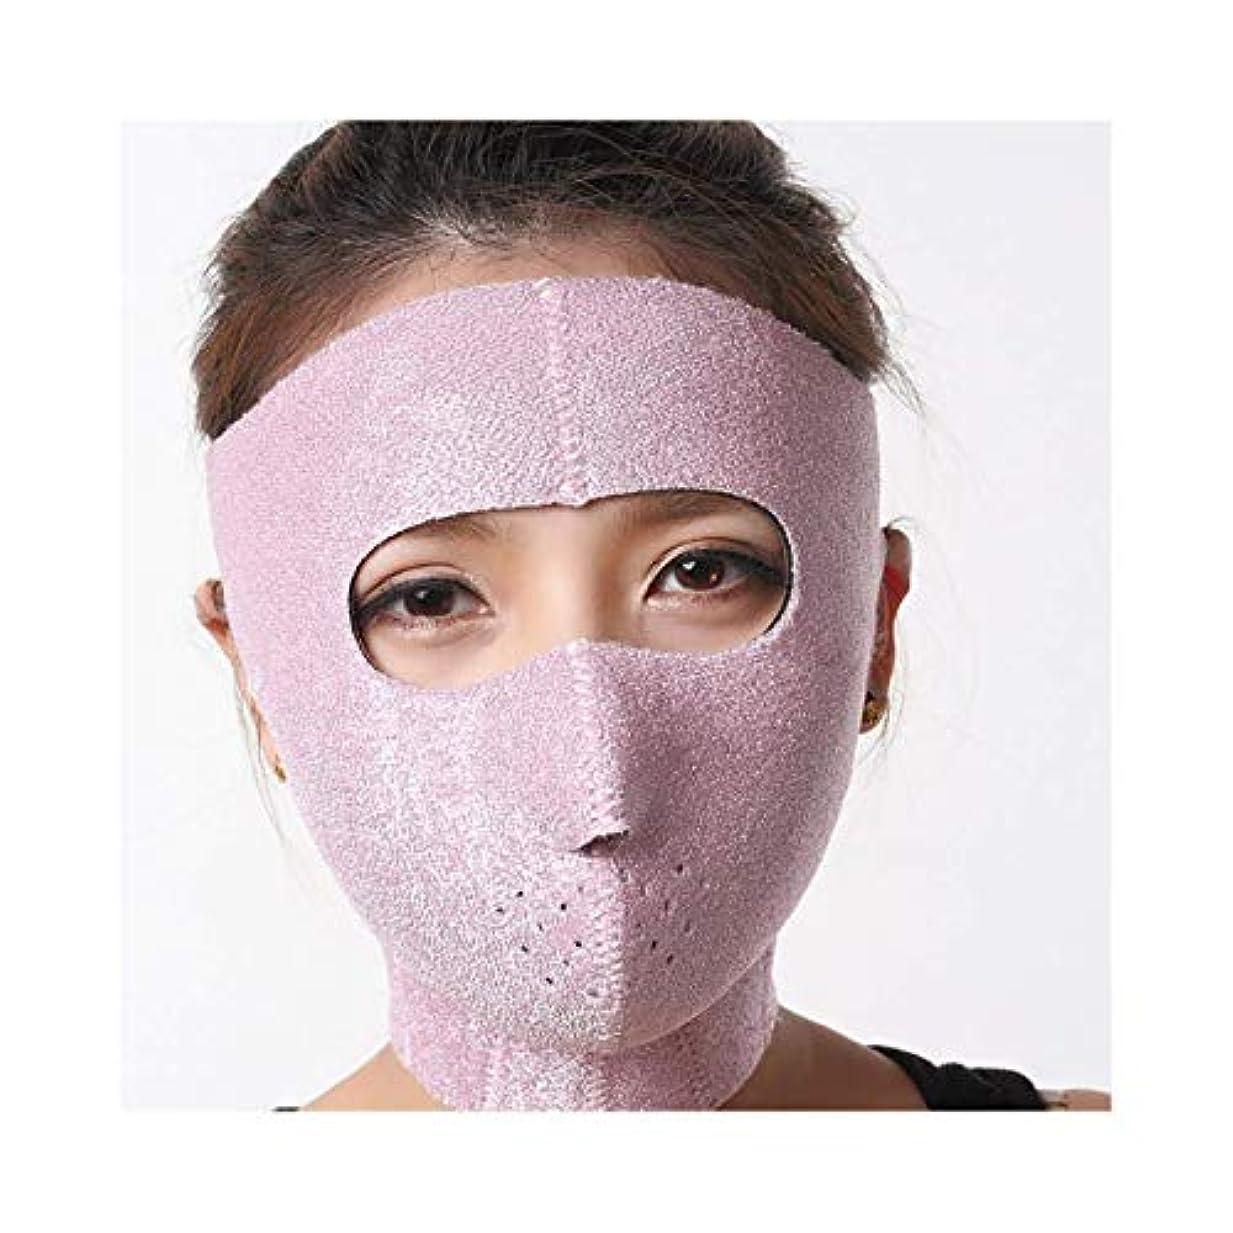 具体的に時制コーデリアスリミングベルト、フェイシャルマスク薄い顔マスク睡眠薄い顔マスク薄い顔包帯薄い顔アーティファクト薄い顔顔リフティング薄い顔小さなV顔睡眠薄い顔ベルト